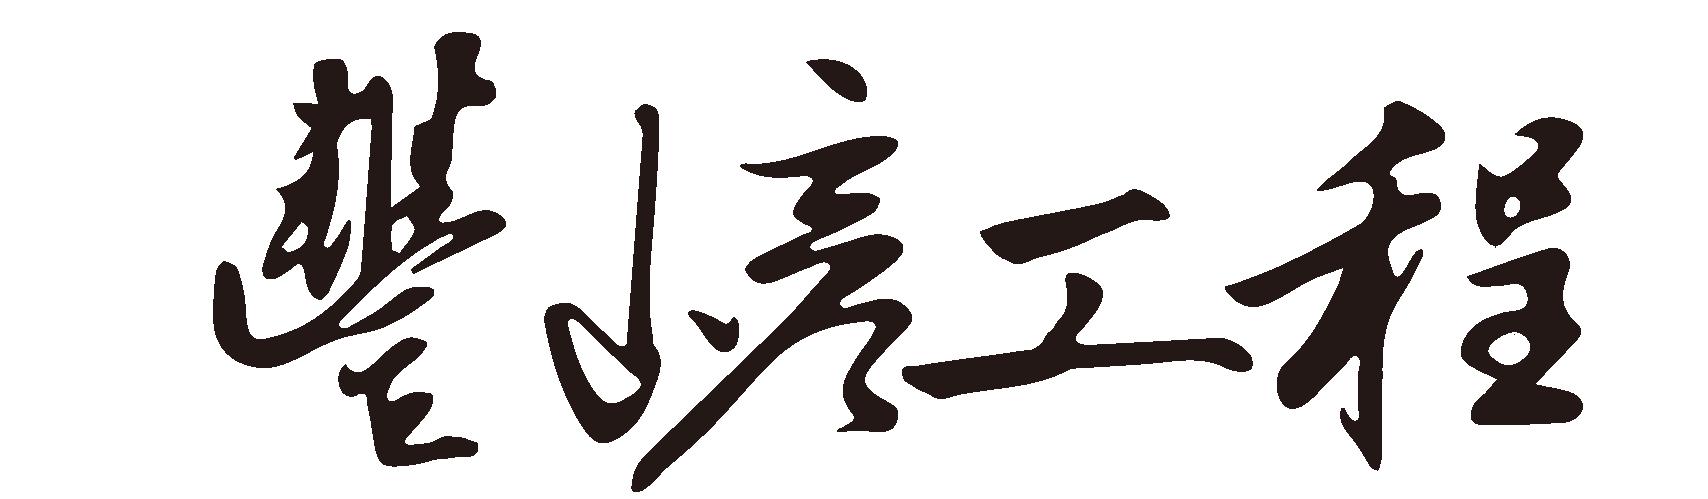 豐嵃工程企業有限公司